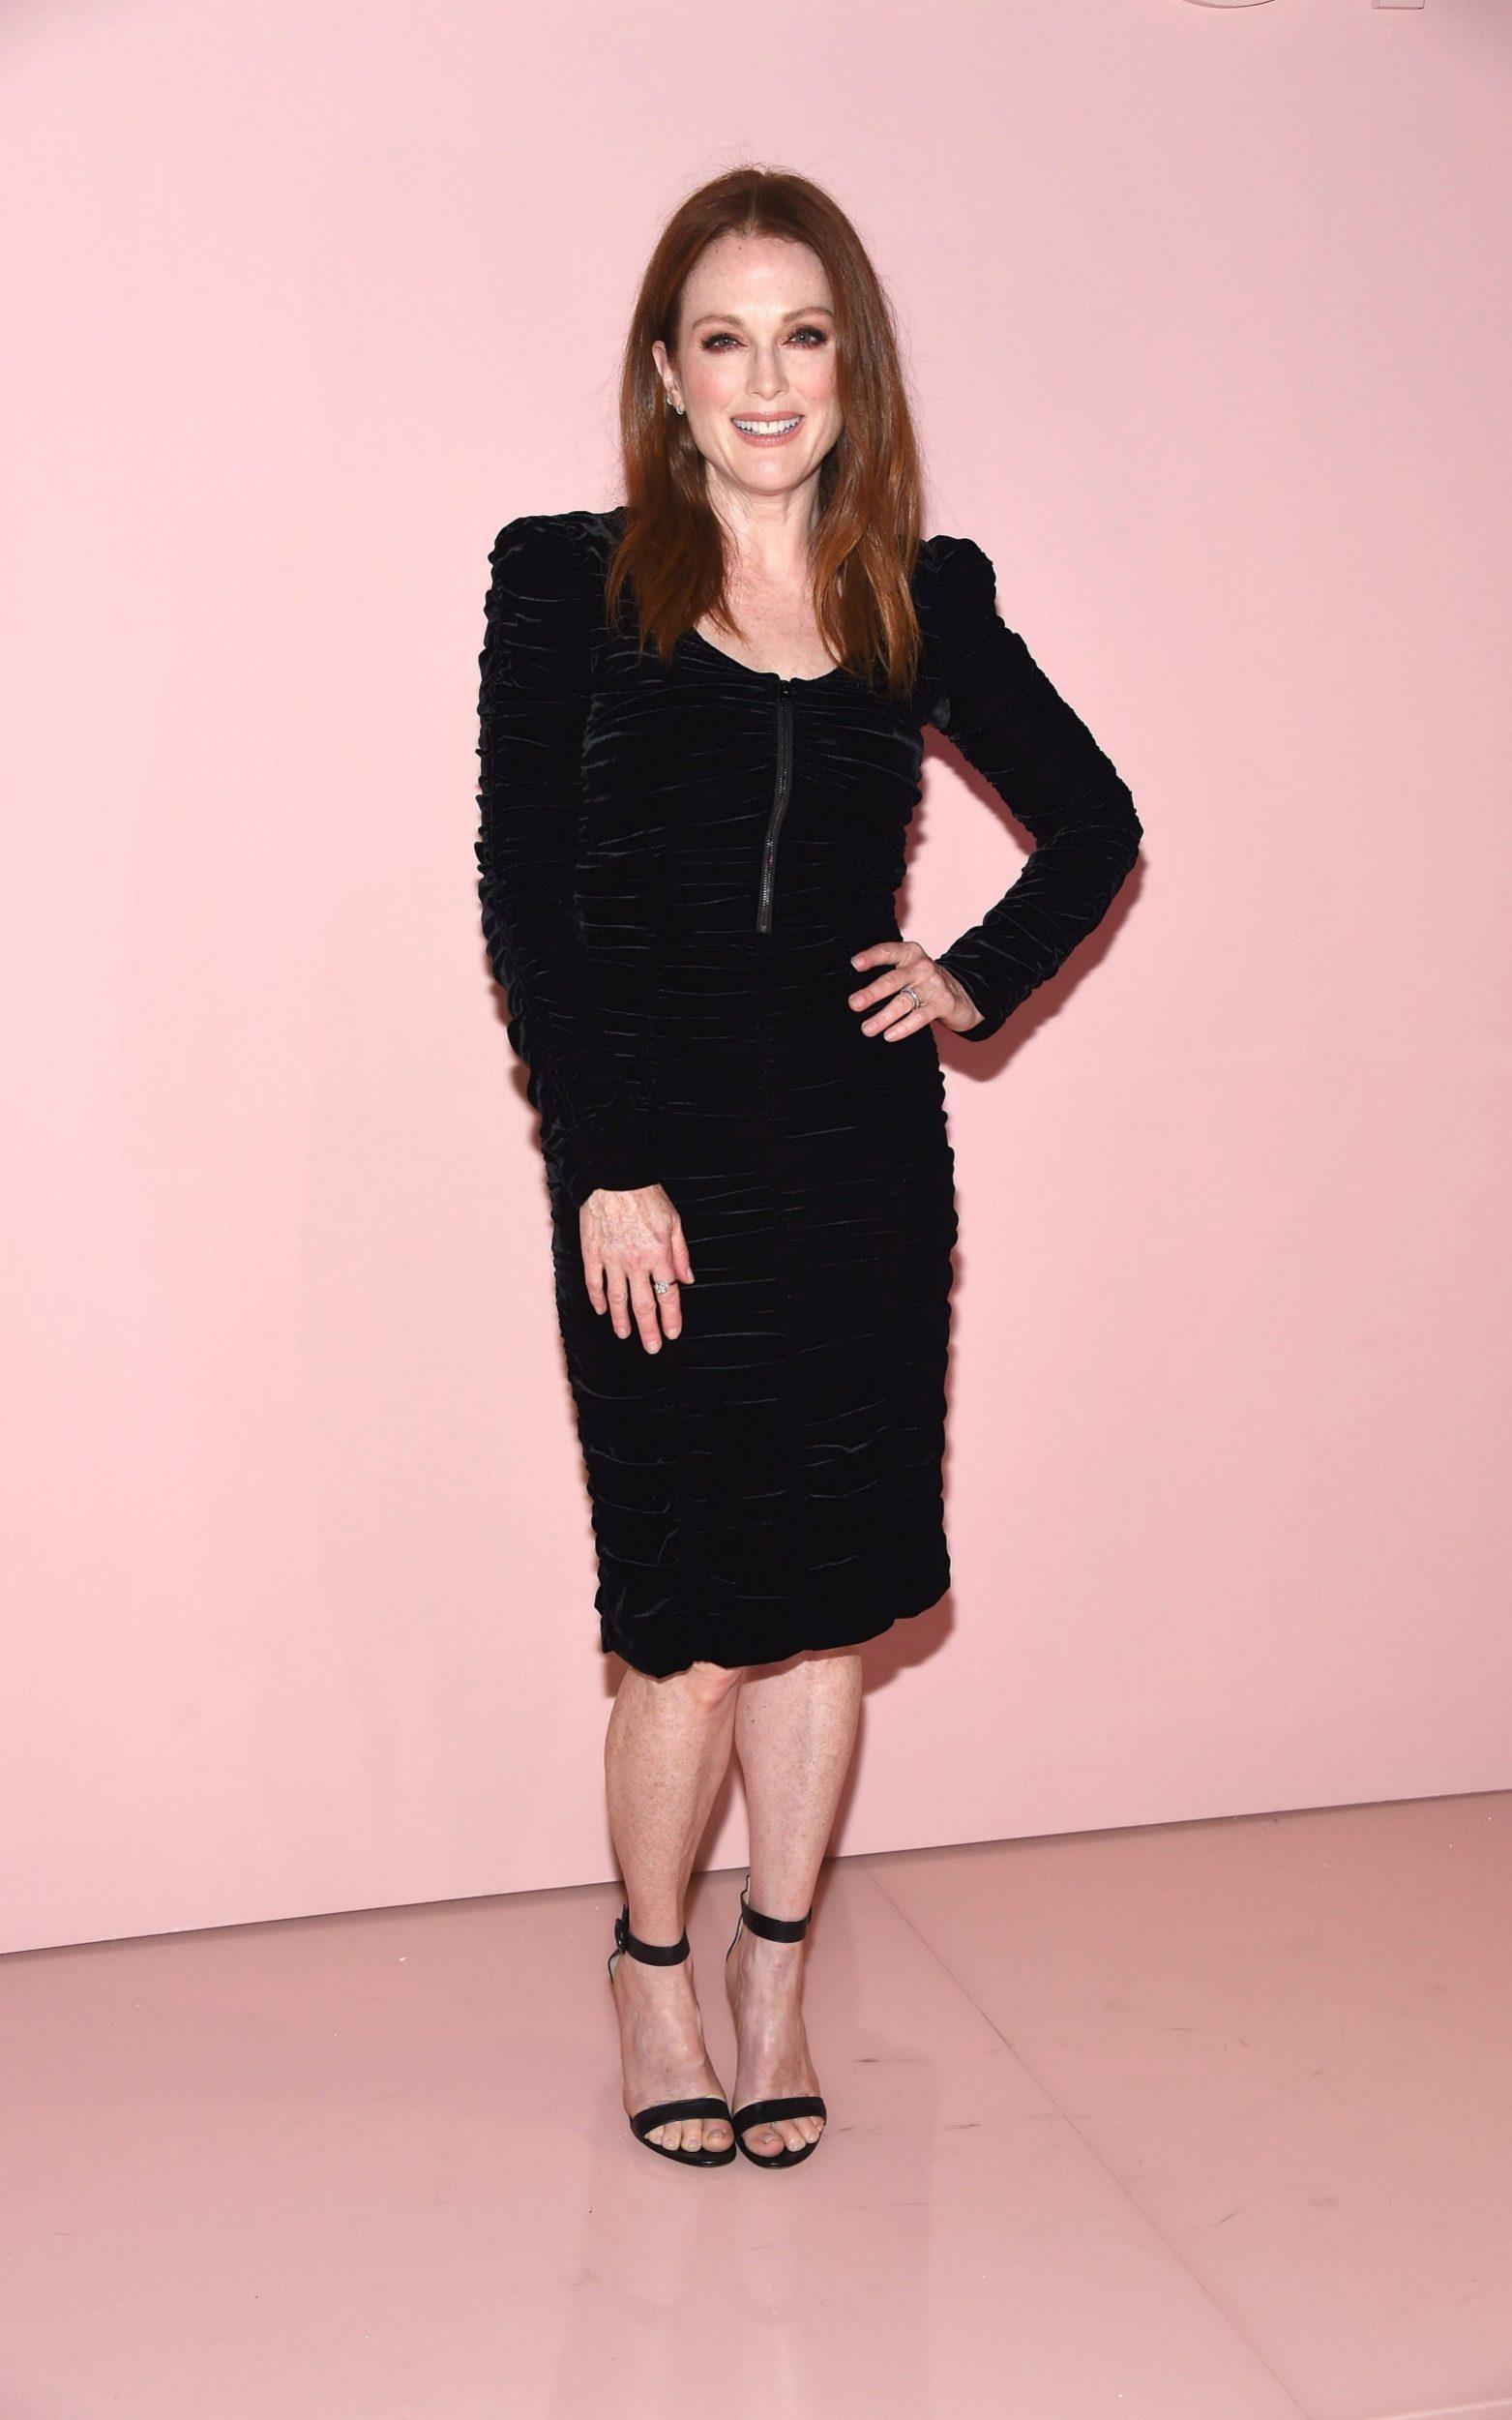 Nữ diễn viên Julianne Moore - một người bạn thân của Tom Ford